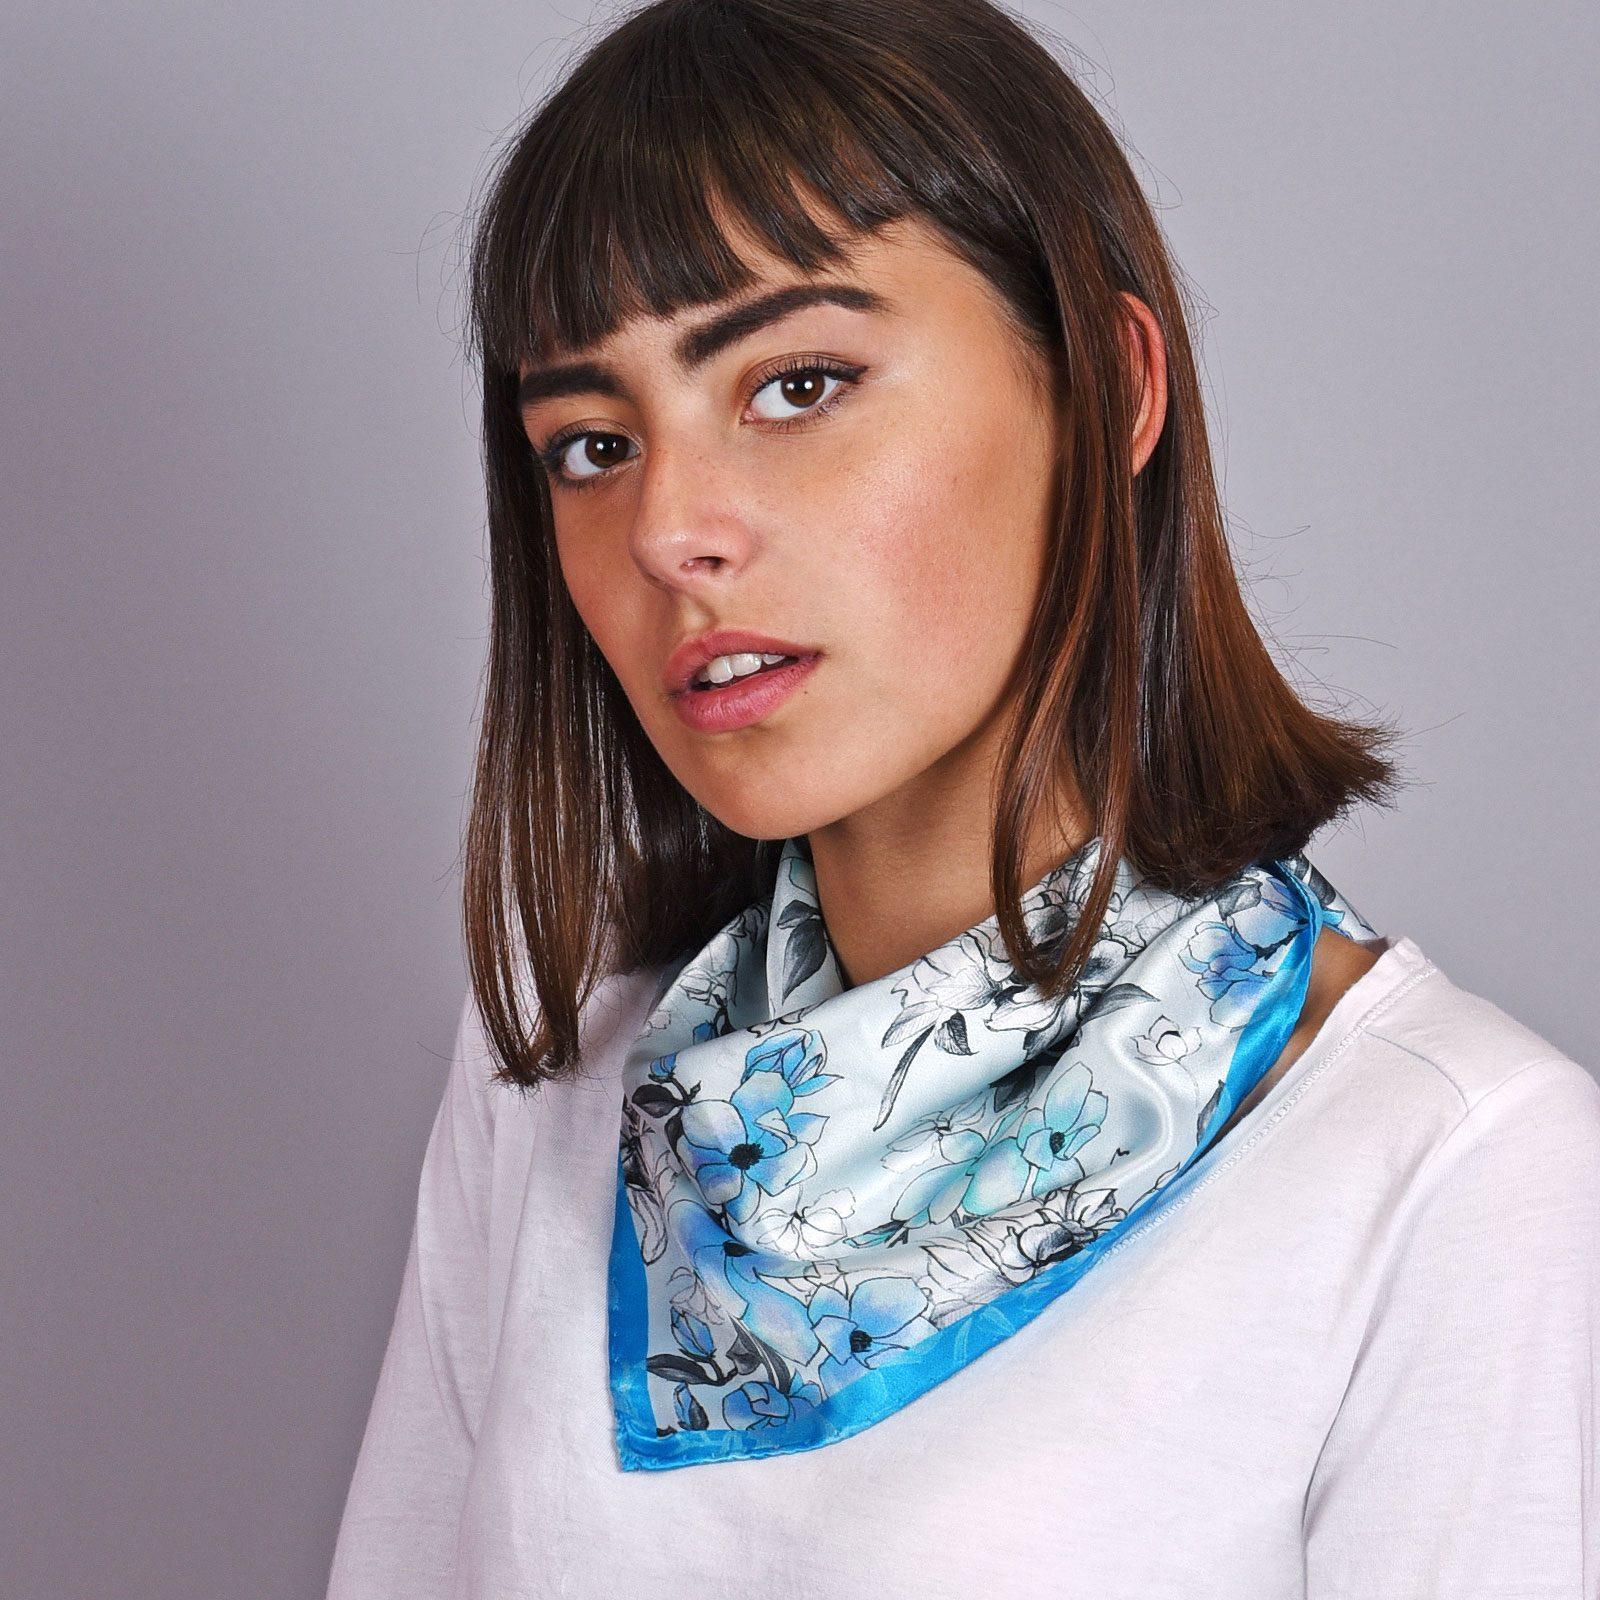 http://lookbook.allee-du-foulard.fr/wp-content/uploads/2018/12/AT-04601-VF16-1-carre-de-soie-floral-bleu-made-in-italie-1600x1600.jpg